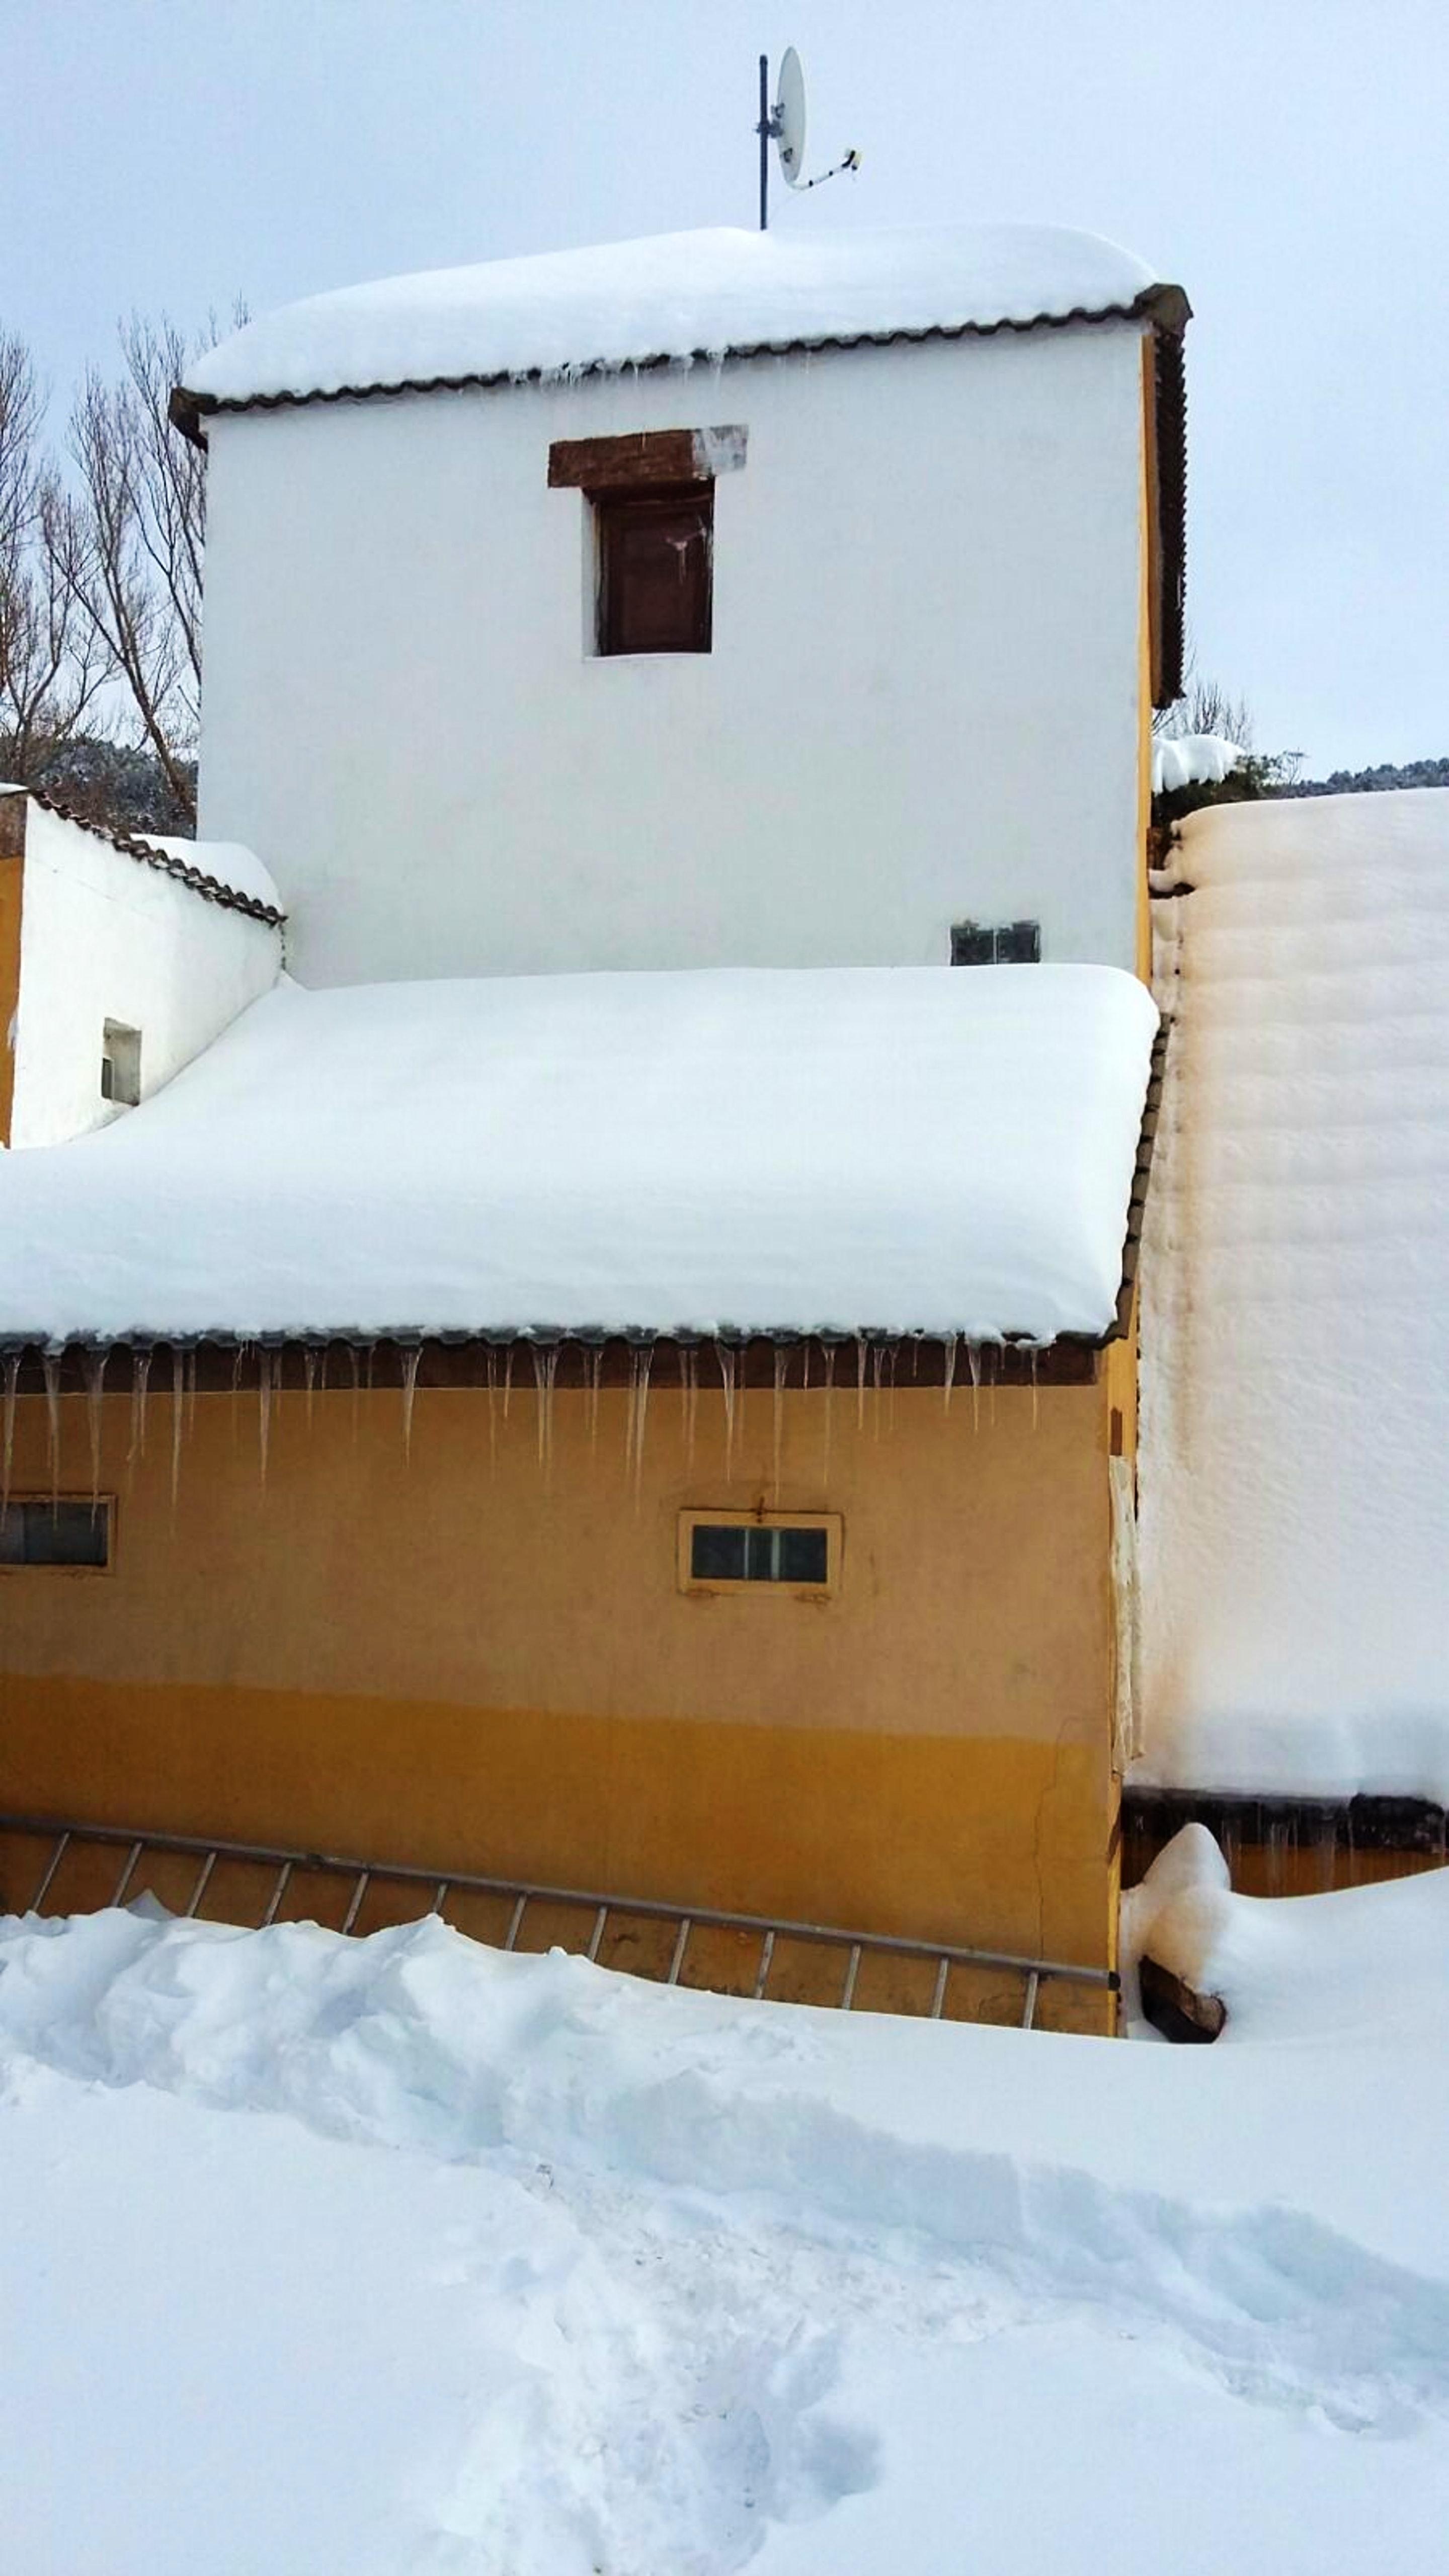 Maison de vacances Hütte mit 4 Schlafzimmern in Camarena de la Sierra mit toller Aussicht auf die Berge, priv (2474258), Camarena de la Sierra, Teruel, Aragon, Espagne, image 30